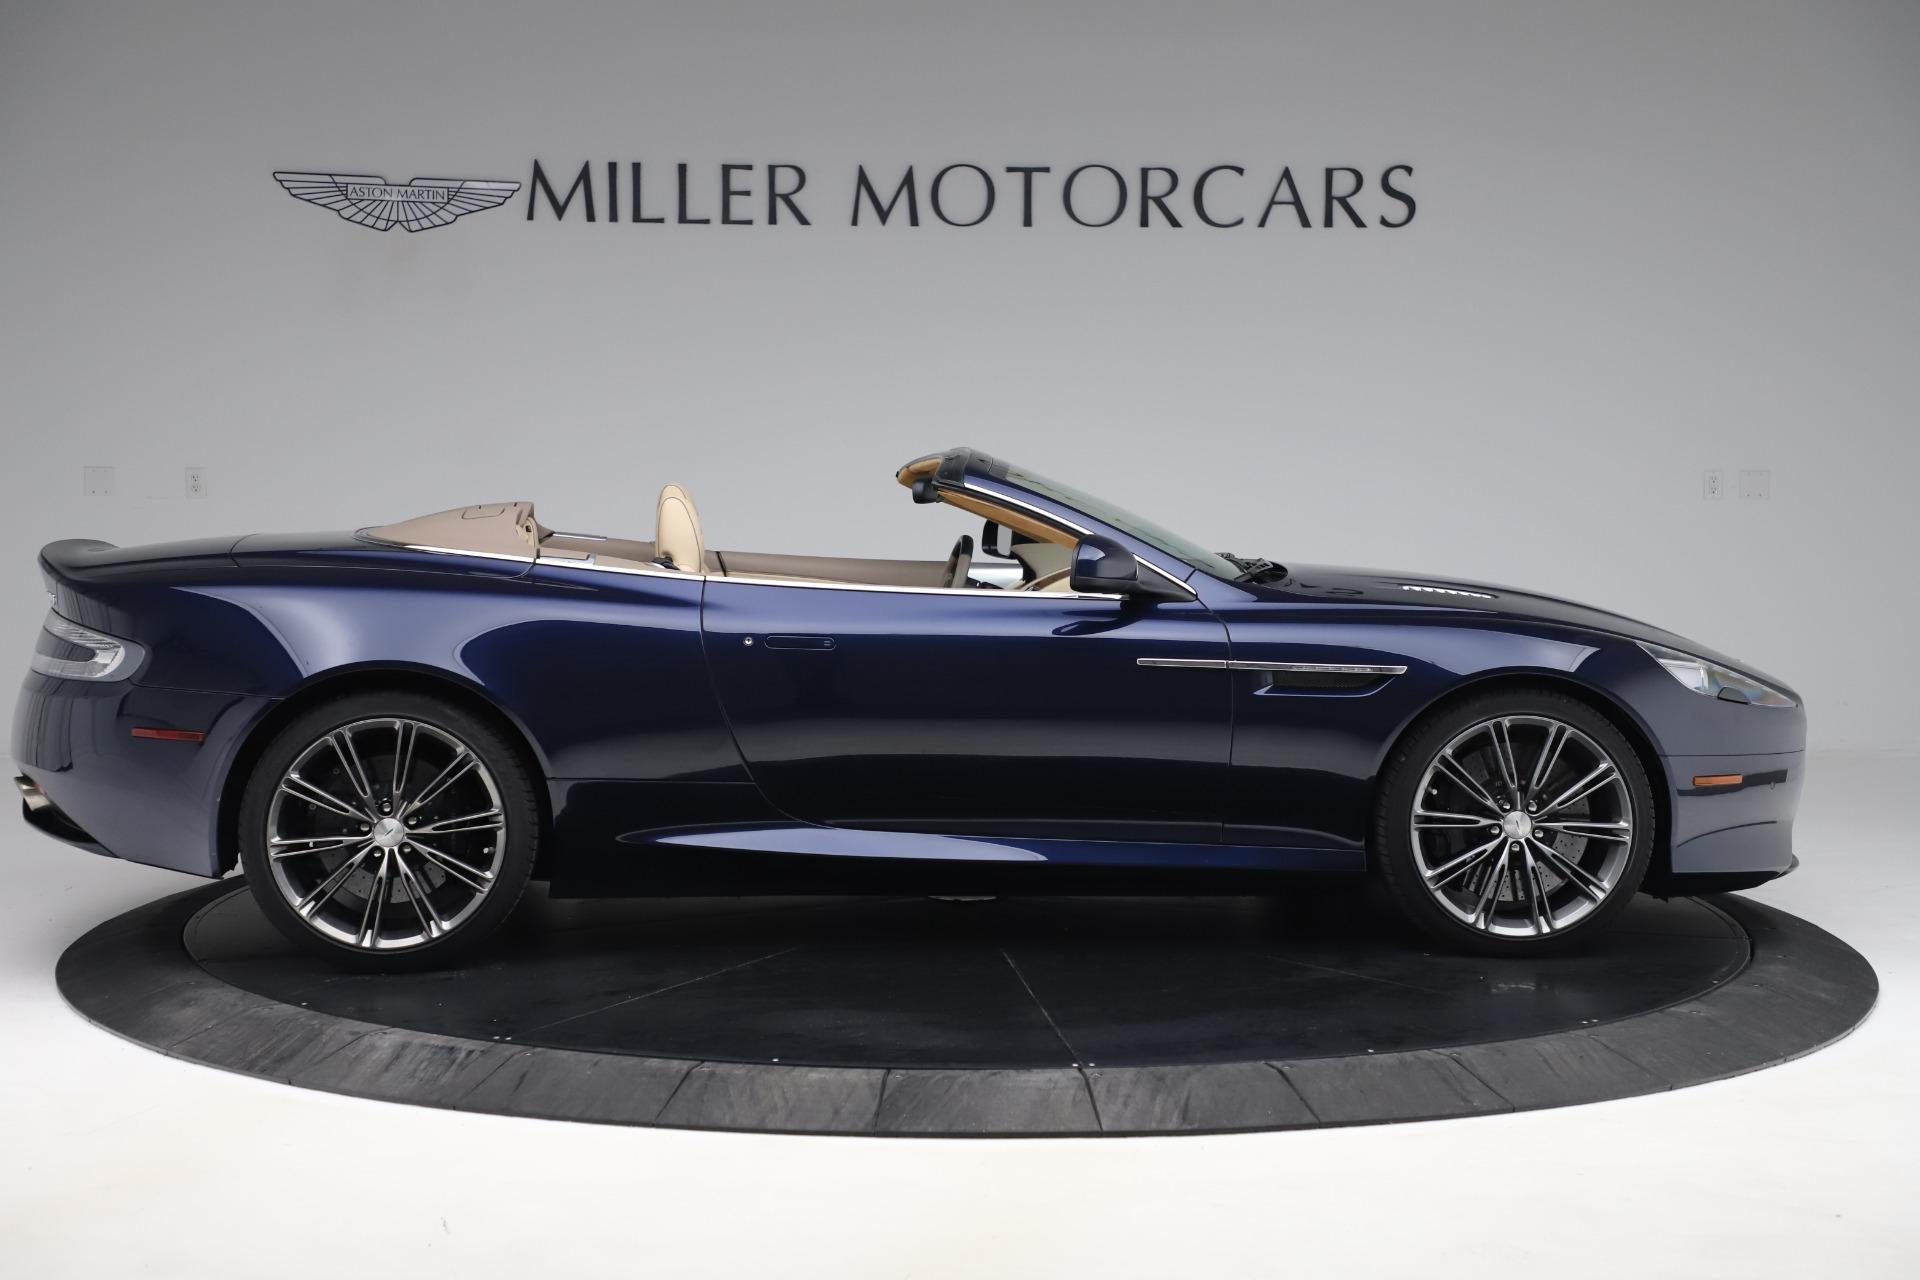 Used 2014 Aston Martin DB9 Volante For Sale In Greenwich, CT 3591_p9